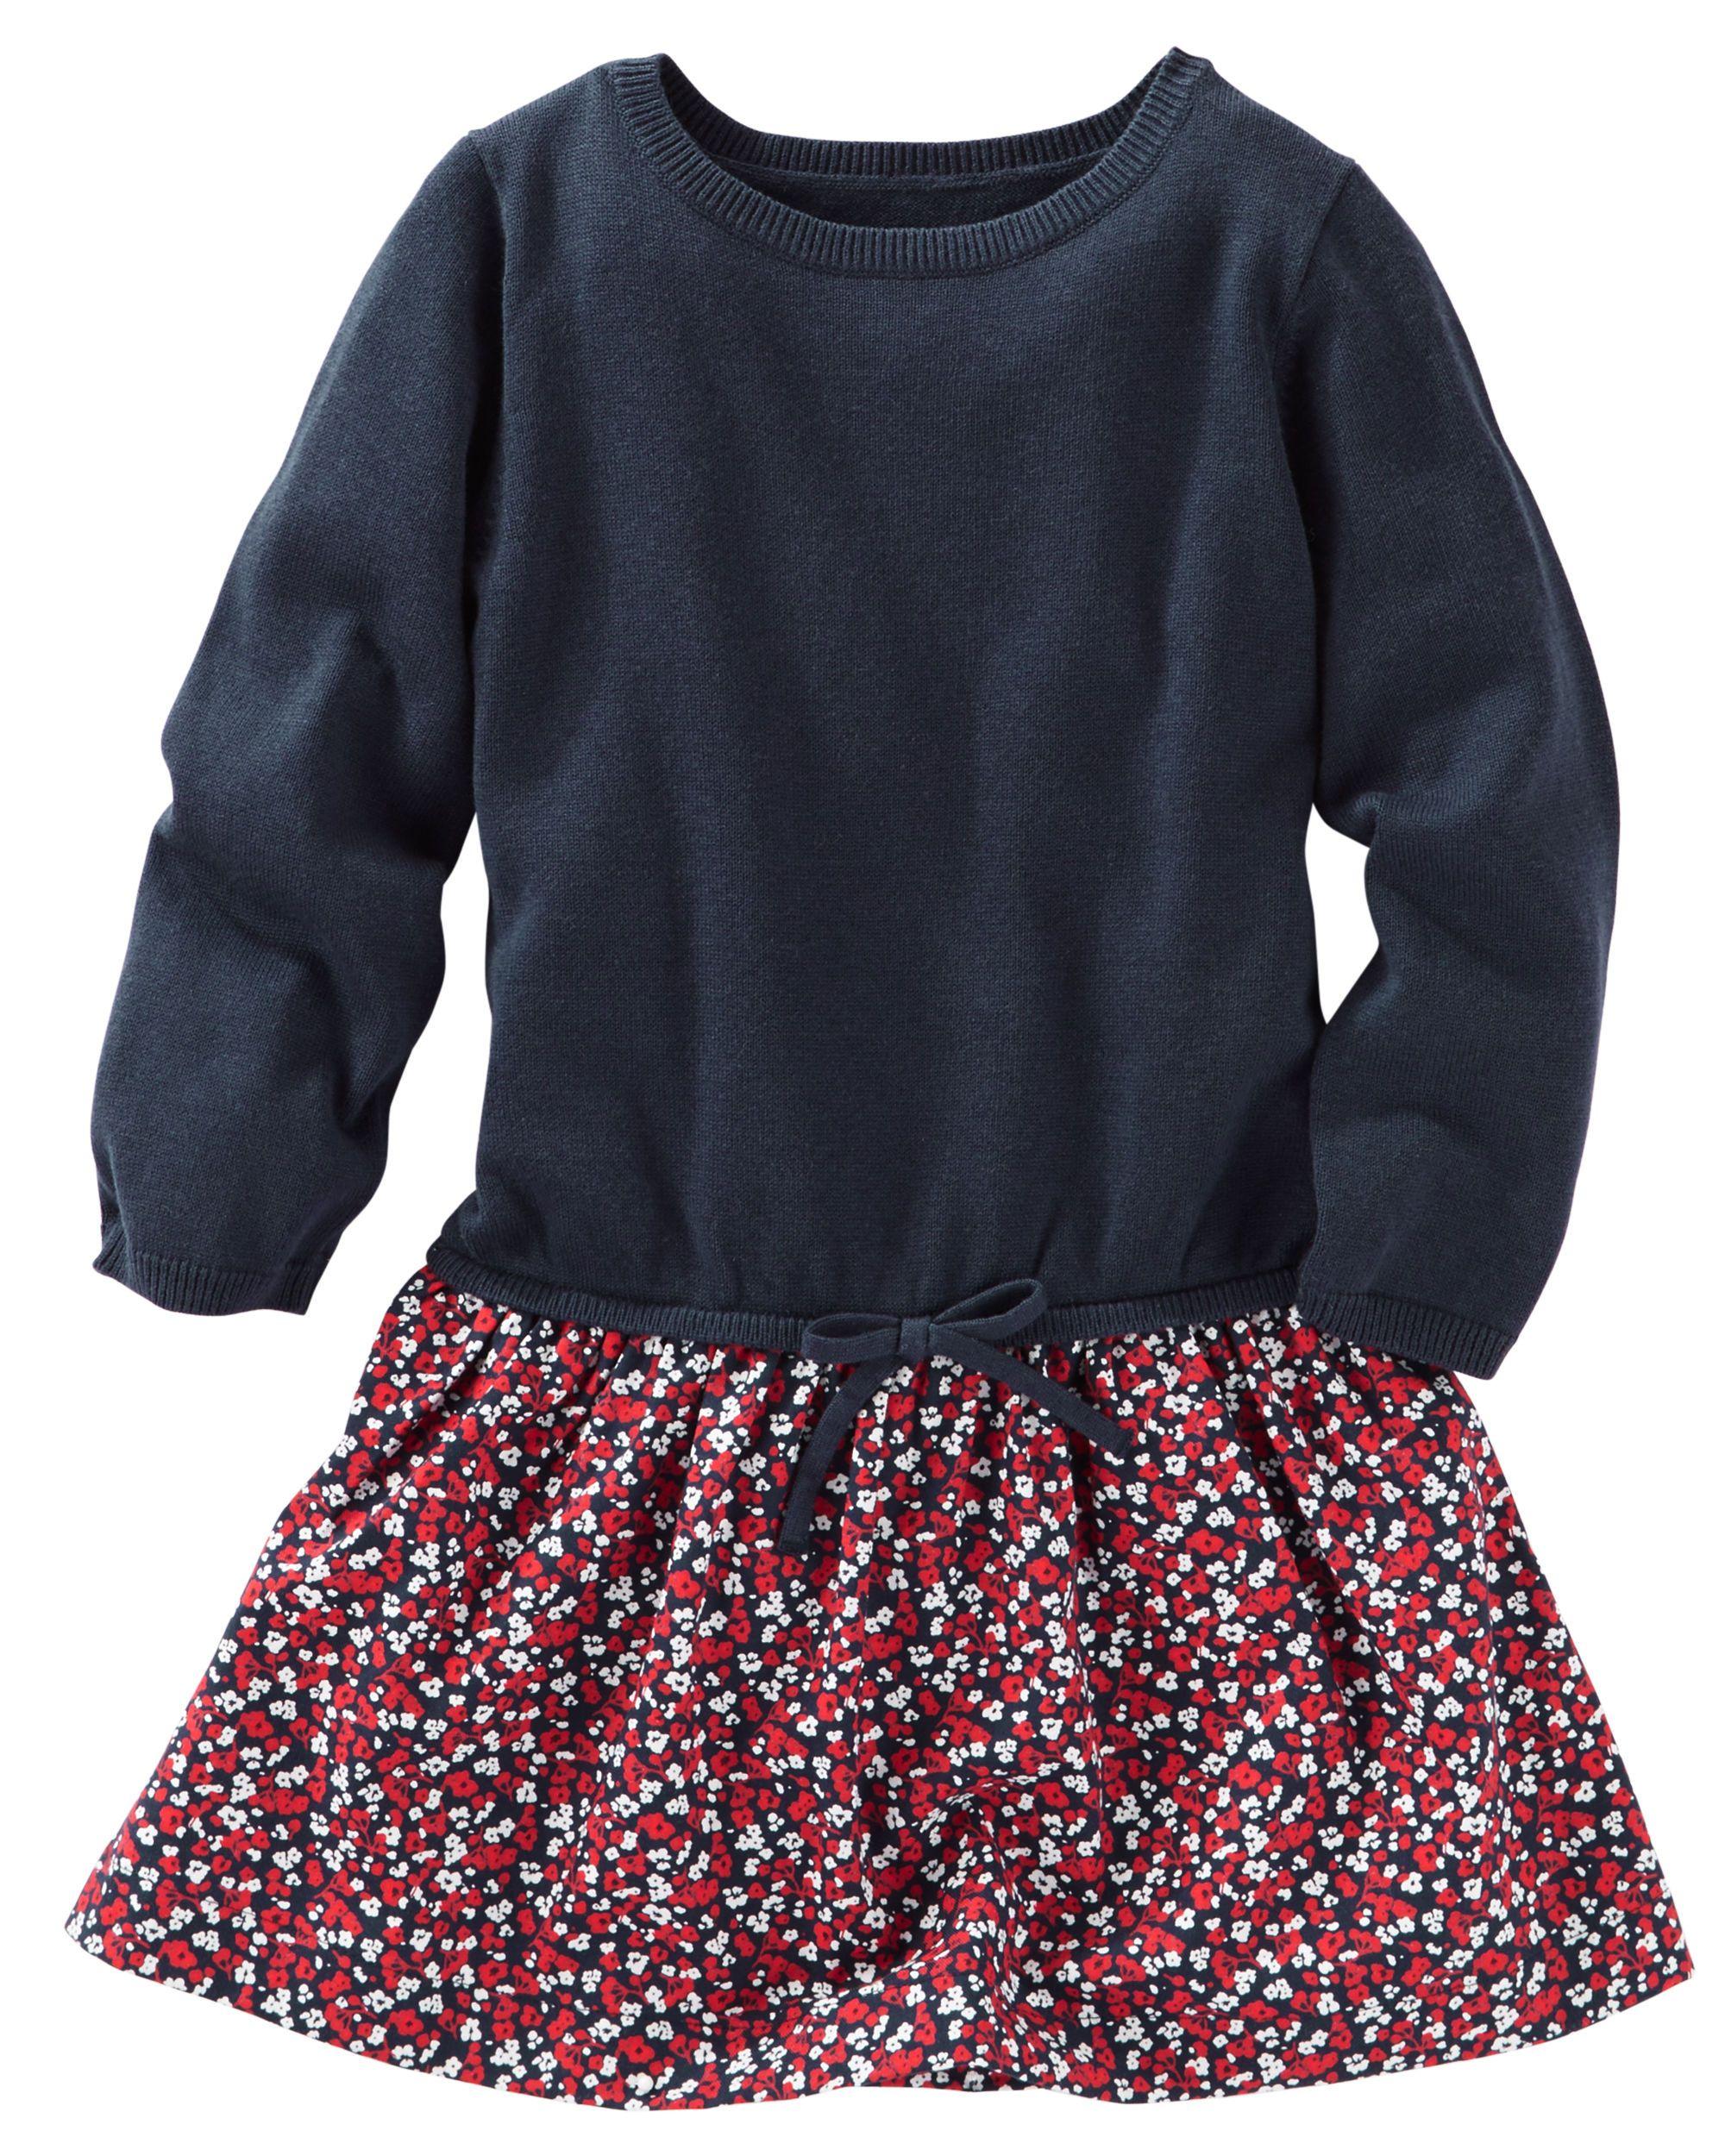 NWT OshKosh B/'Gosh Baby Girls/' Super Soft Knit Denim Jacket Baby B/'gosh 2T-5T